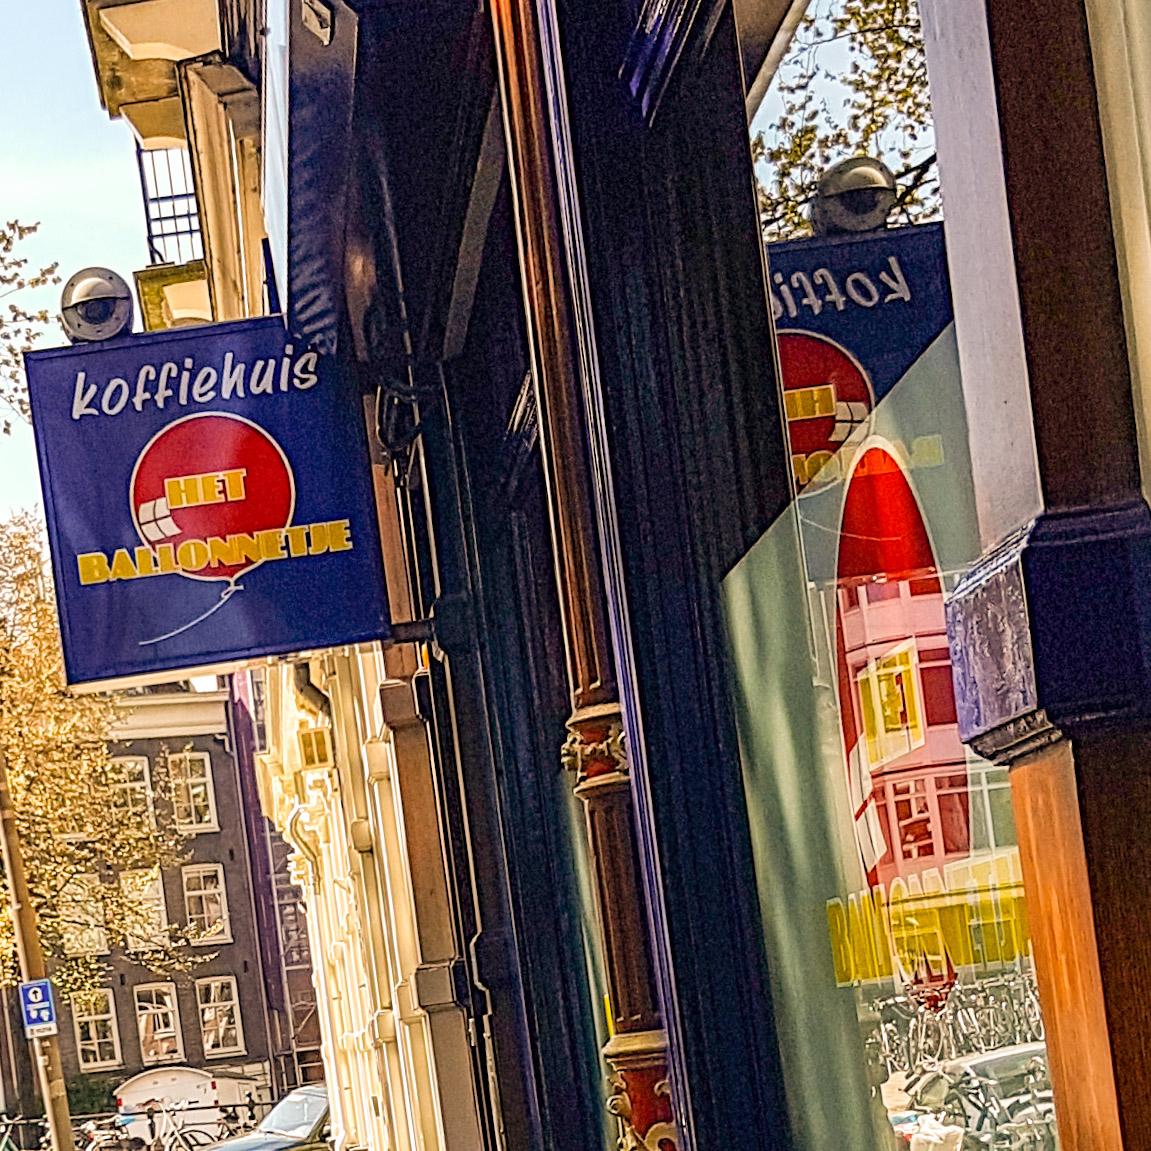 Coffeeshop Het Ballonnetje